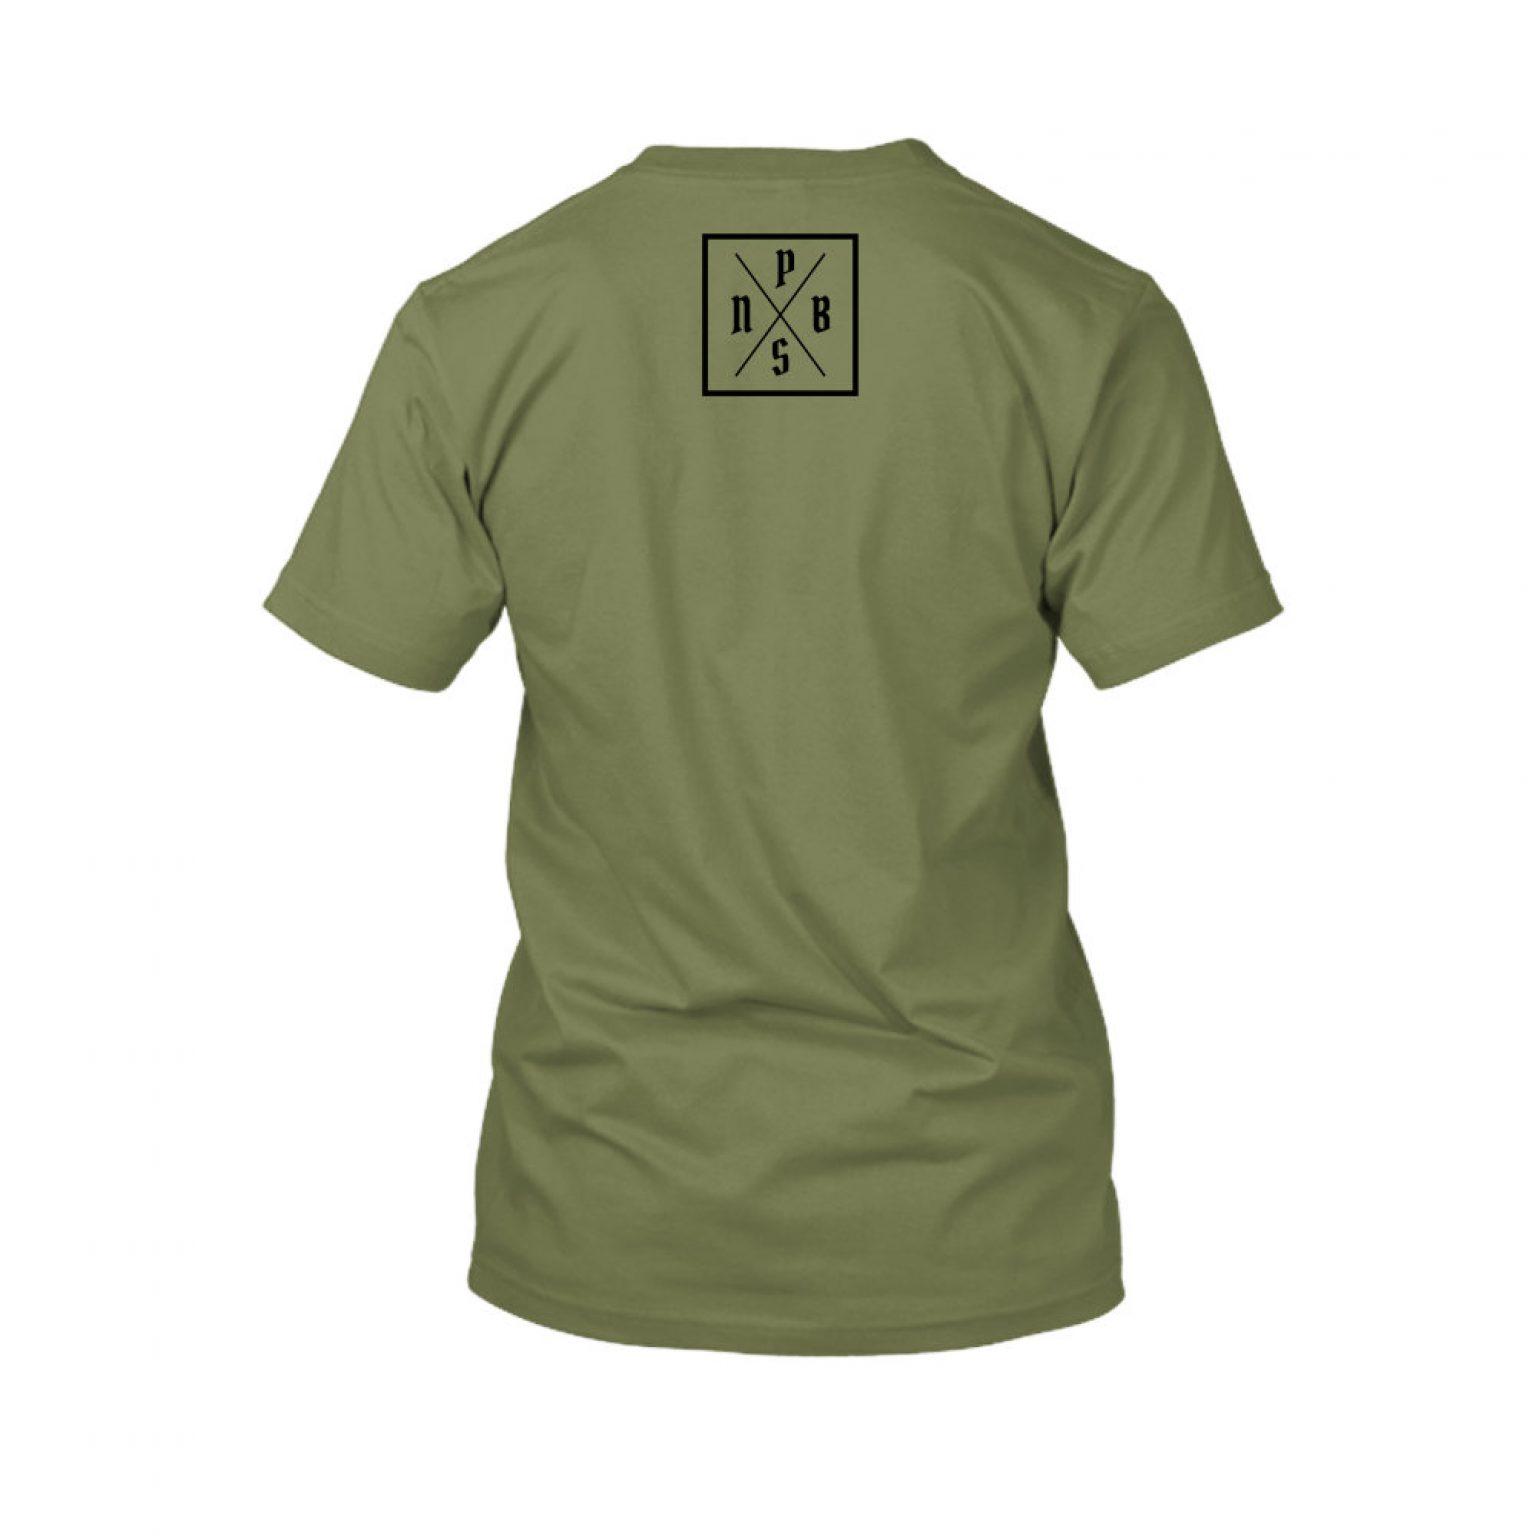 PBS shirt green back